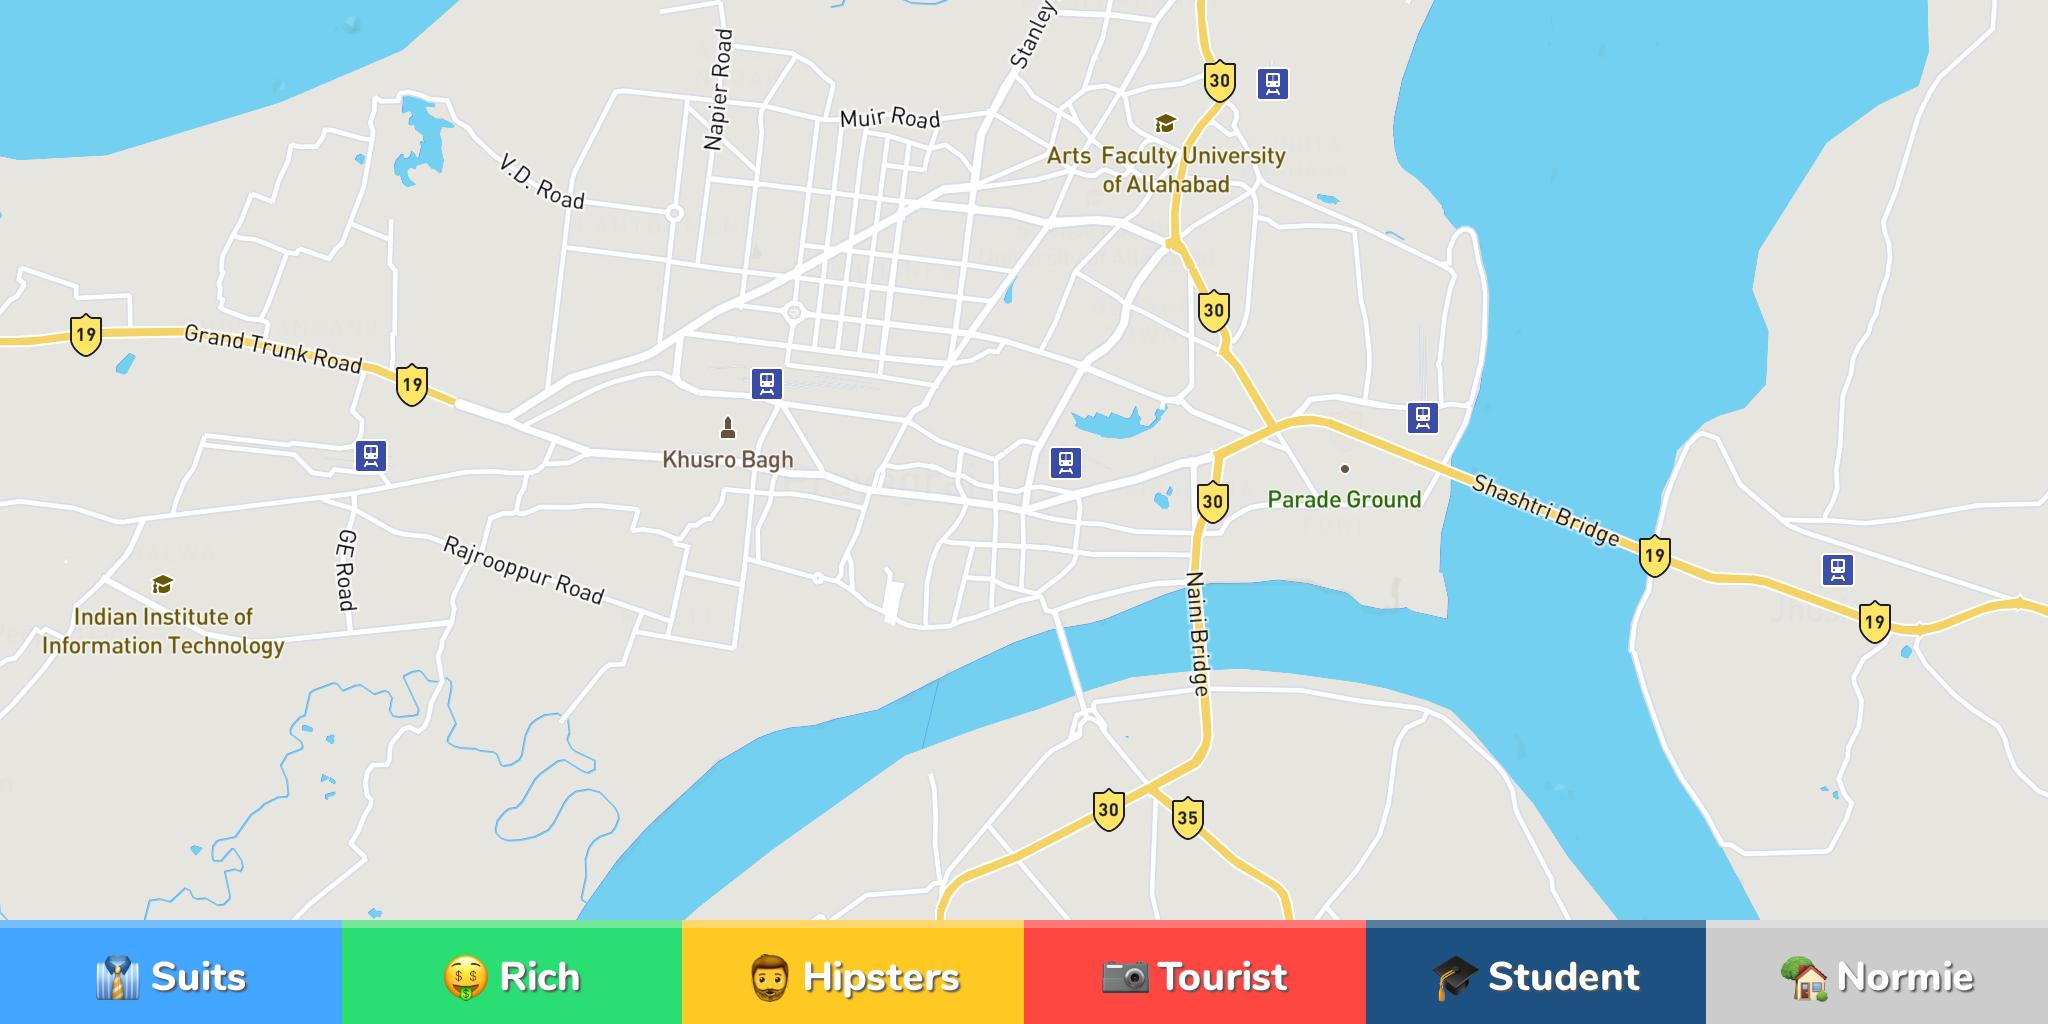 Allahabad Neighborhood Map - Allahabad map